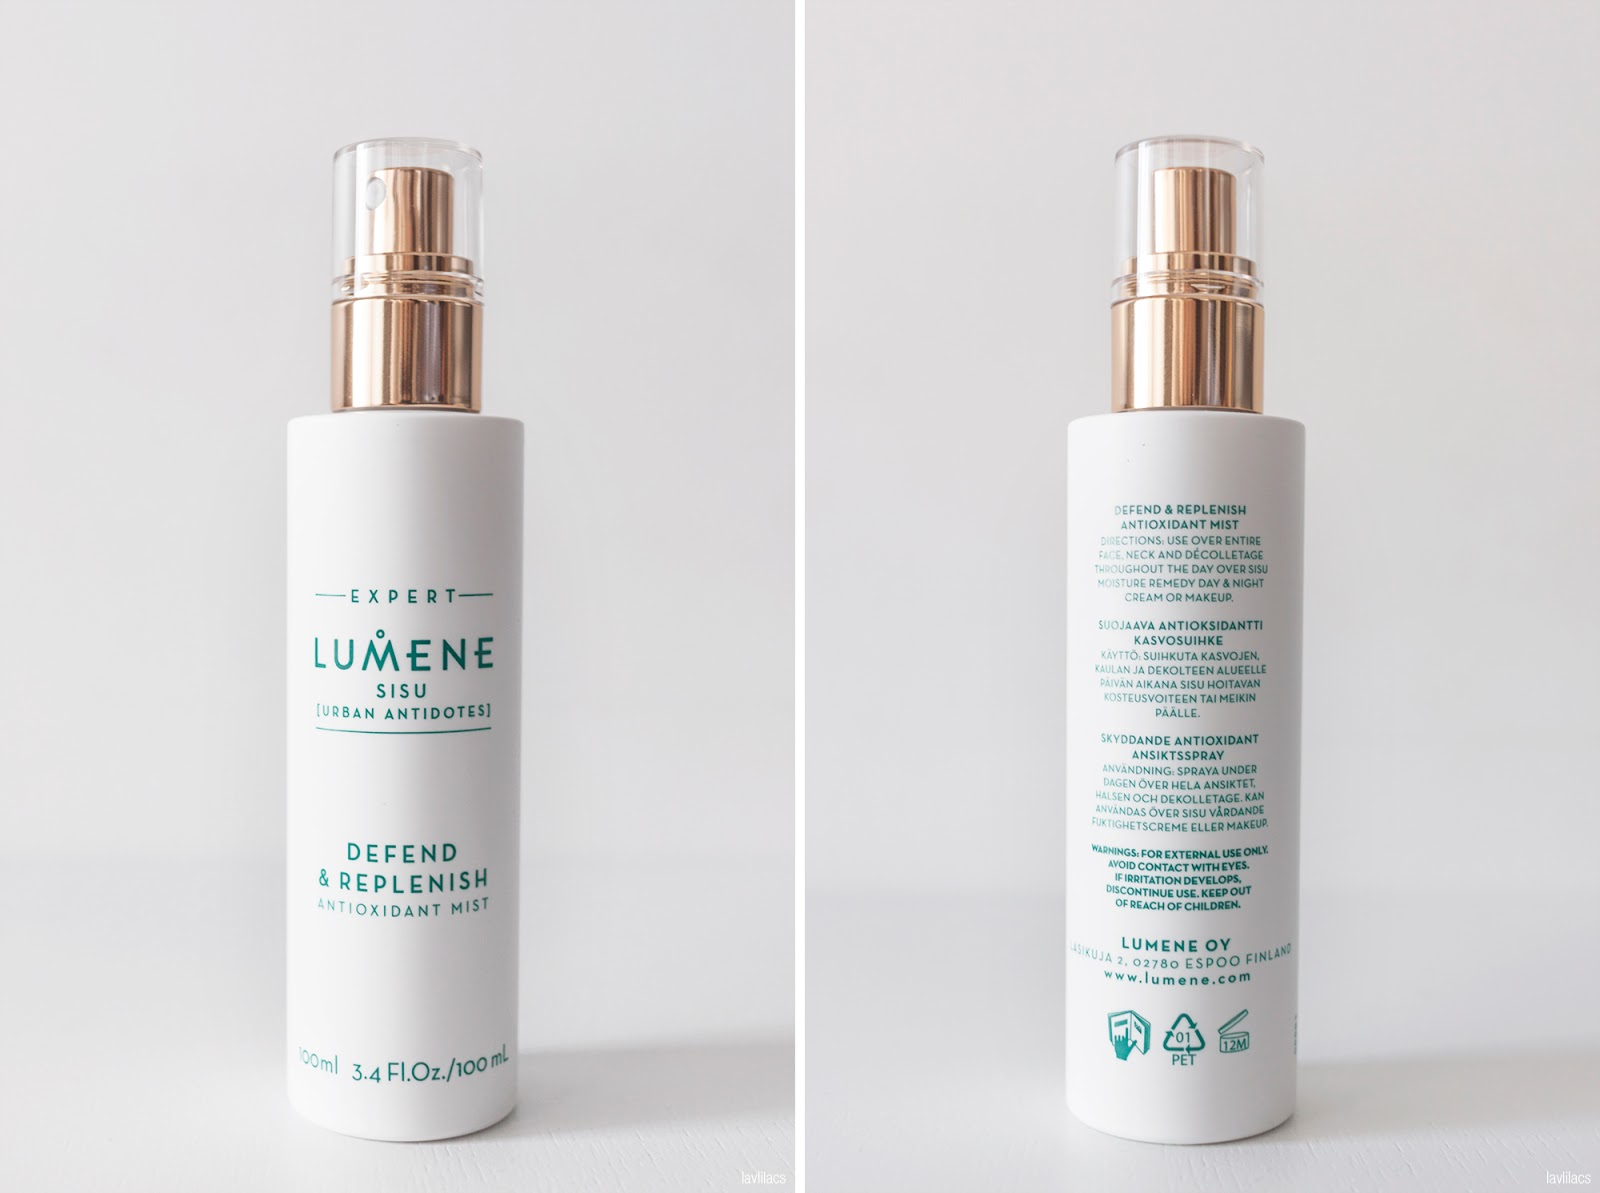 lavlilacs LUMENE Sisu Urban Antidotes Defend & Replenish Antioxidant Mist bottle back and front